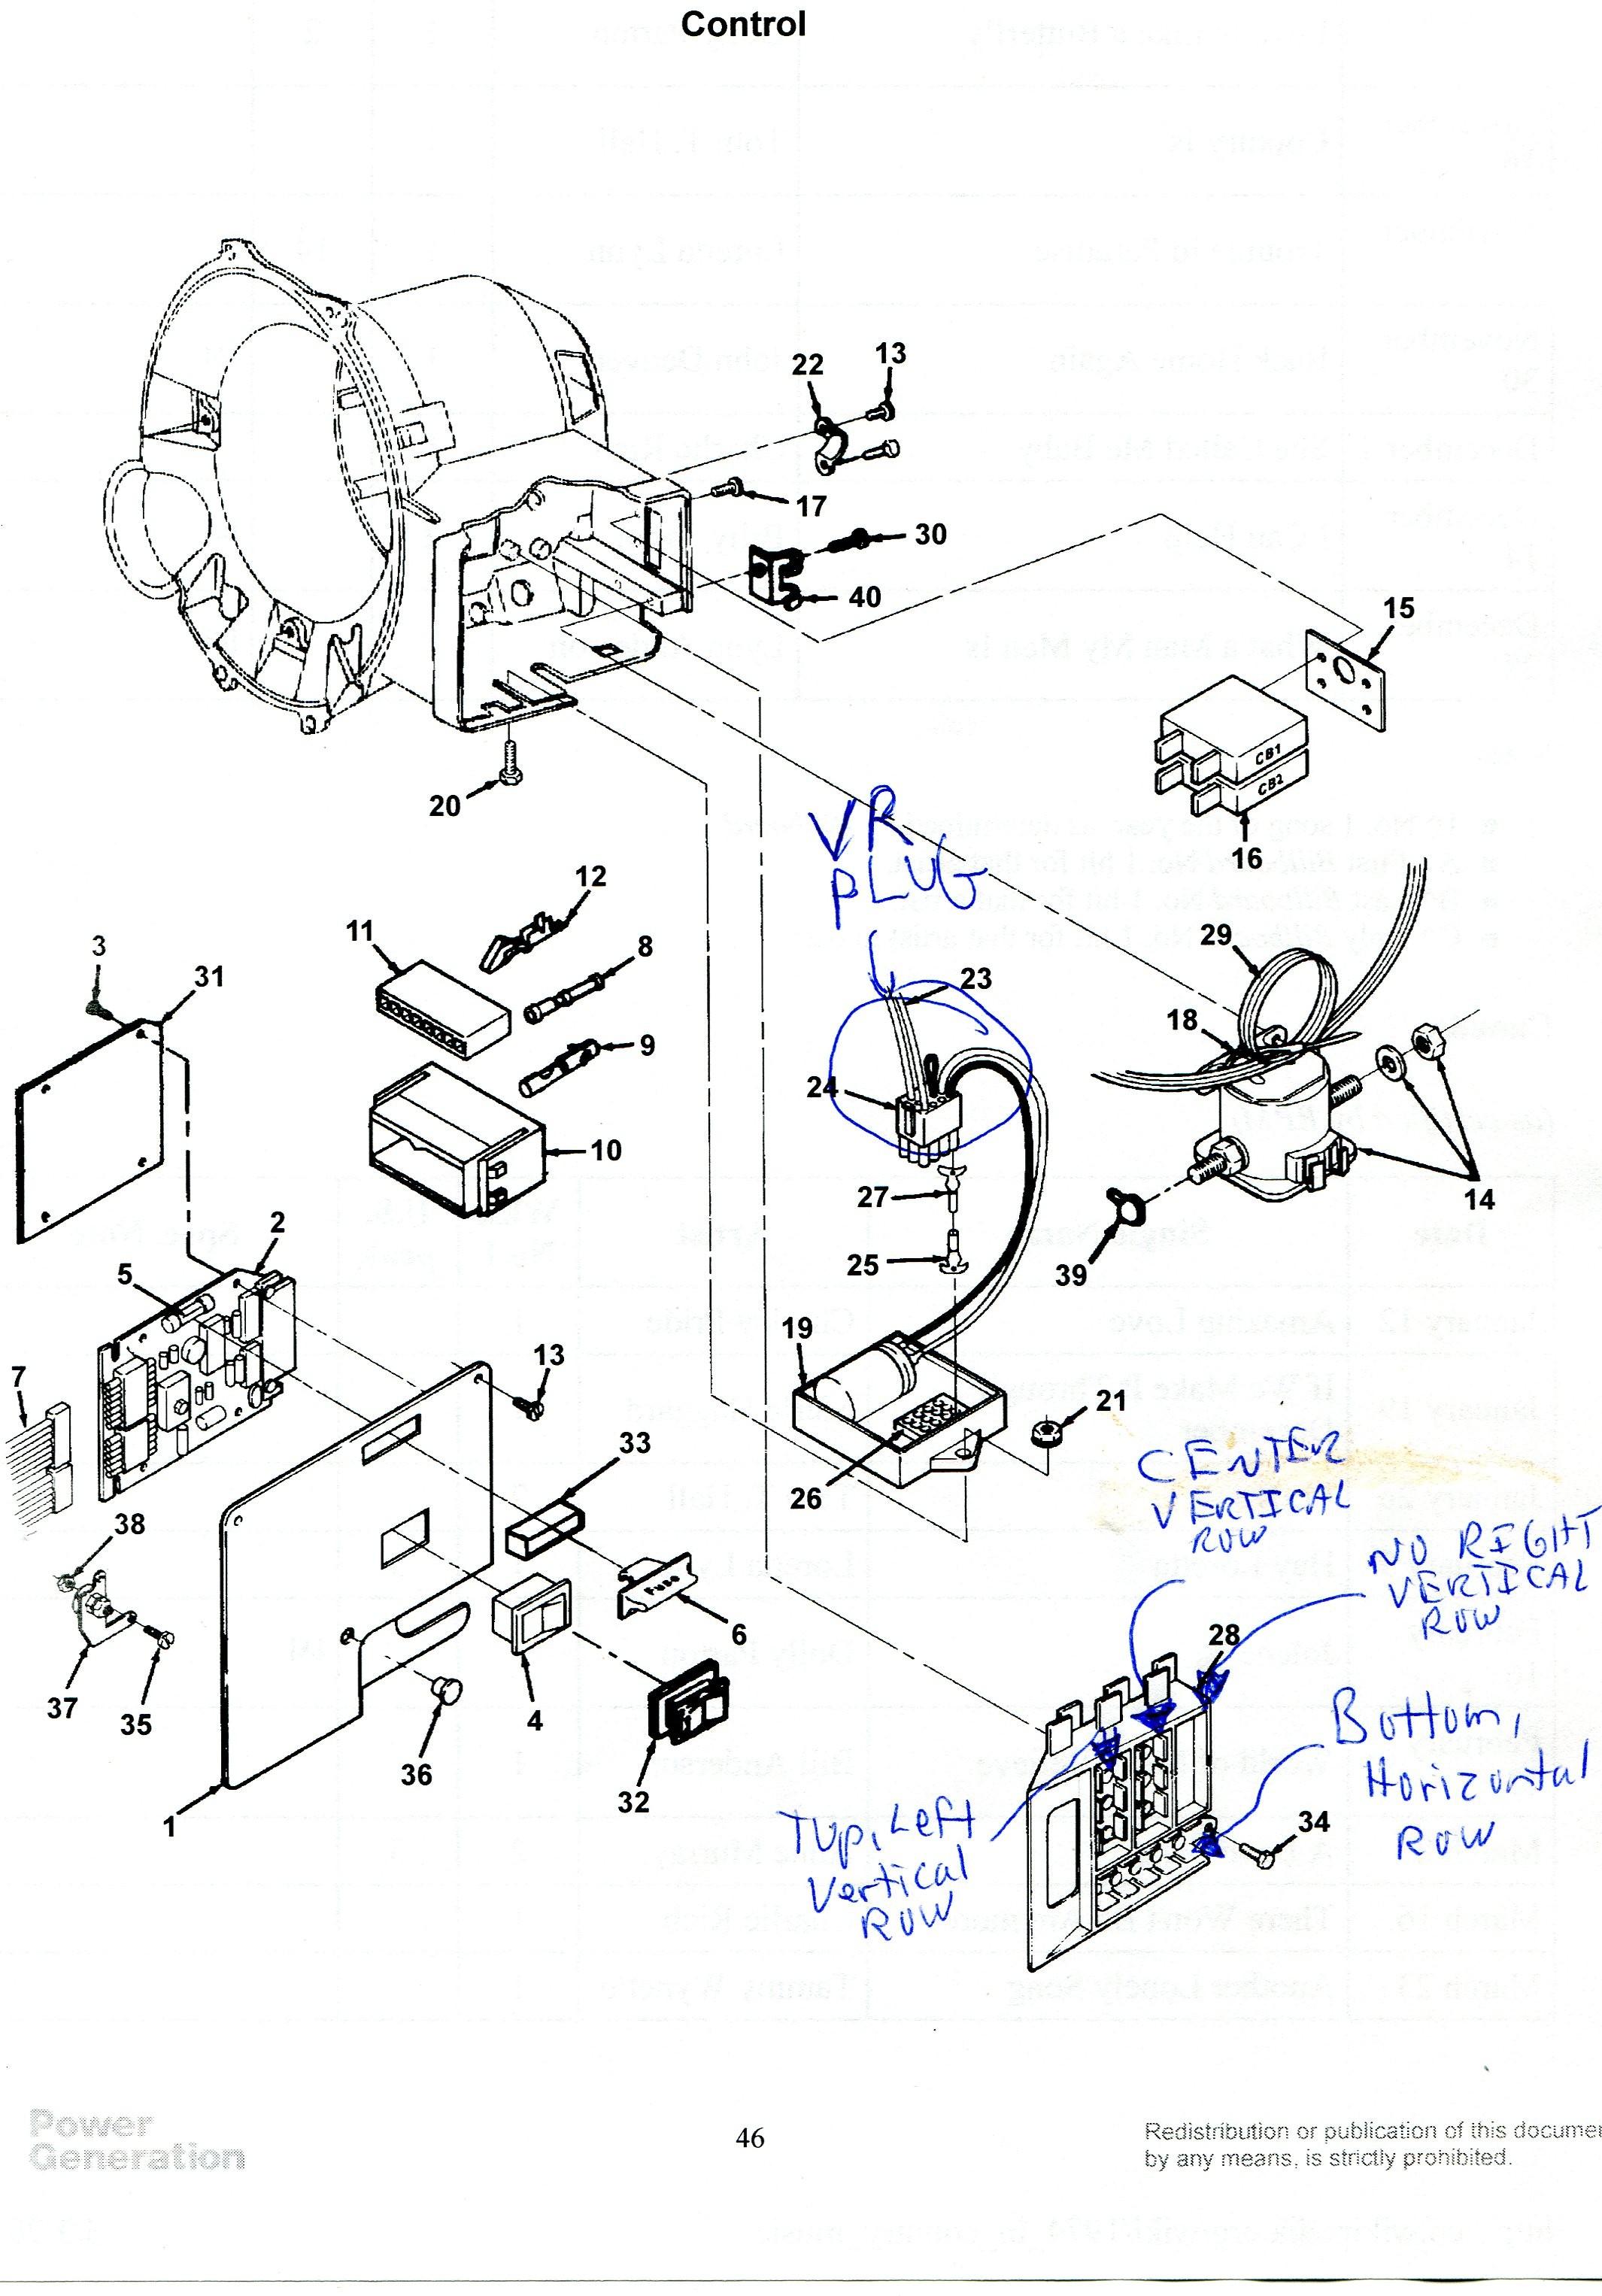 Onan Nhe Wiring Diagram   Machine Repair Manual Onan Nhe Generator Wiring Diagram on